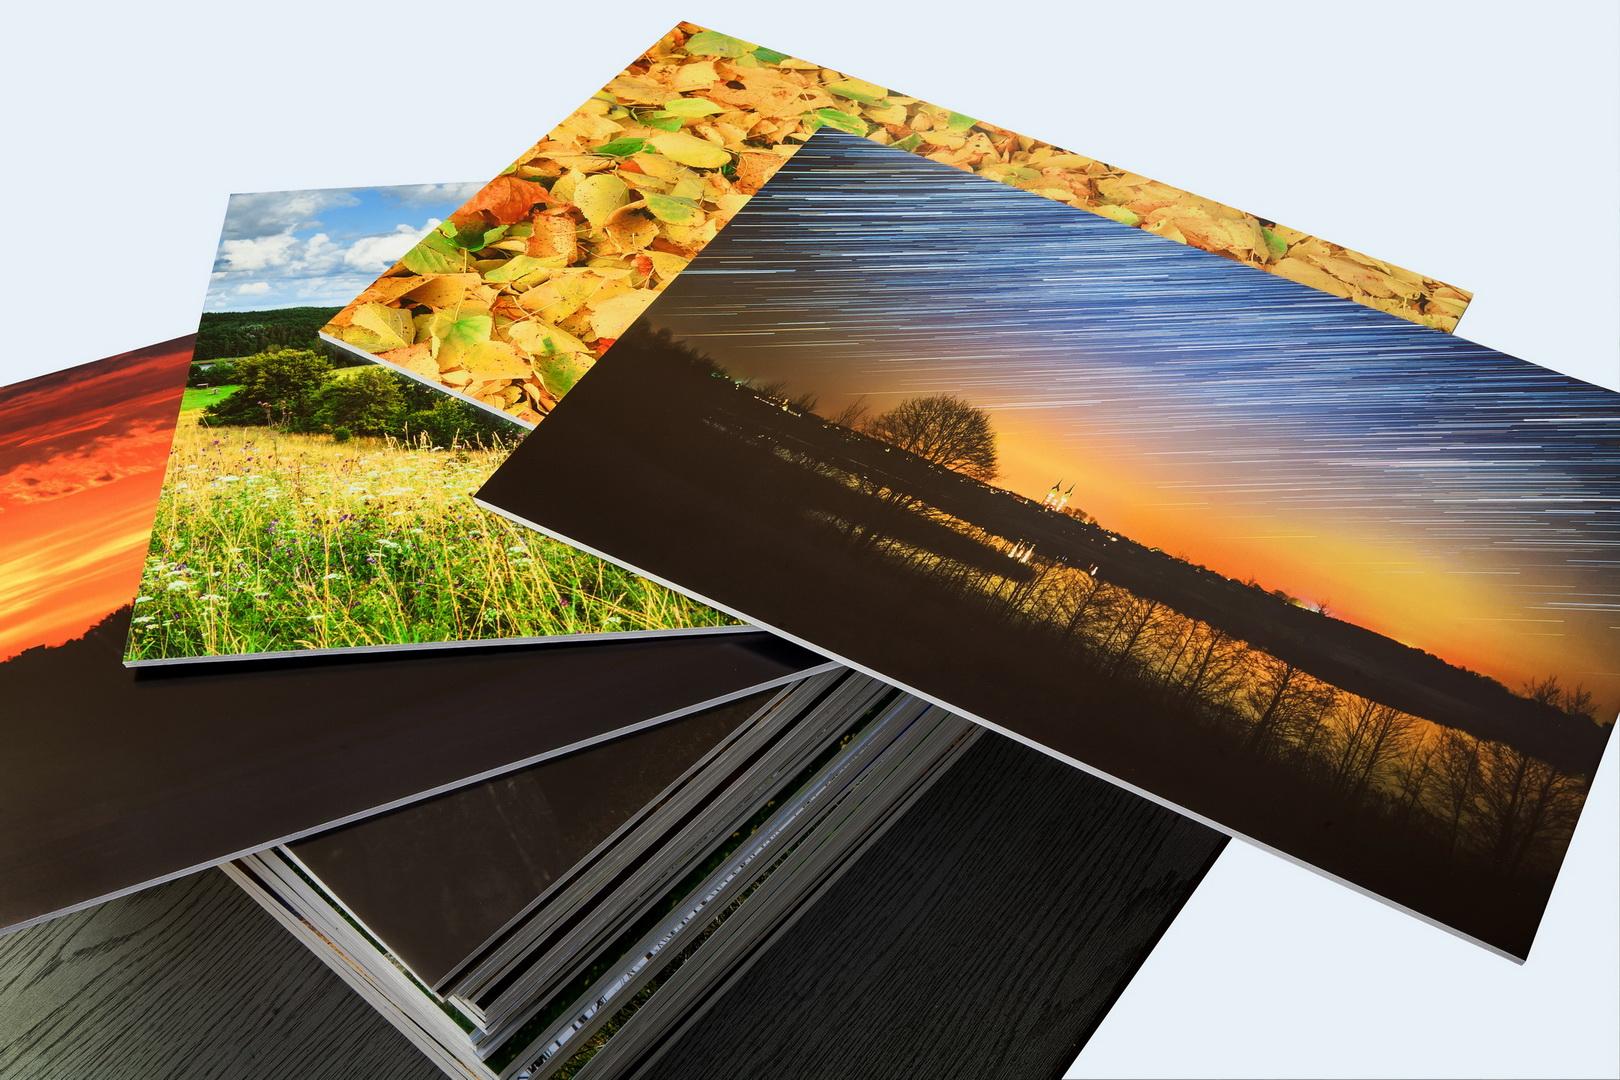 здесь устроился изготовление плакатов по фотографии материал превосходное сырьё